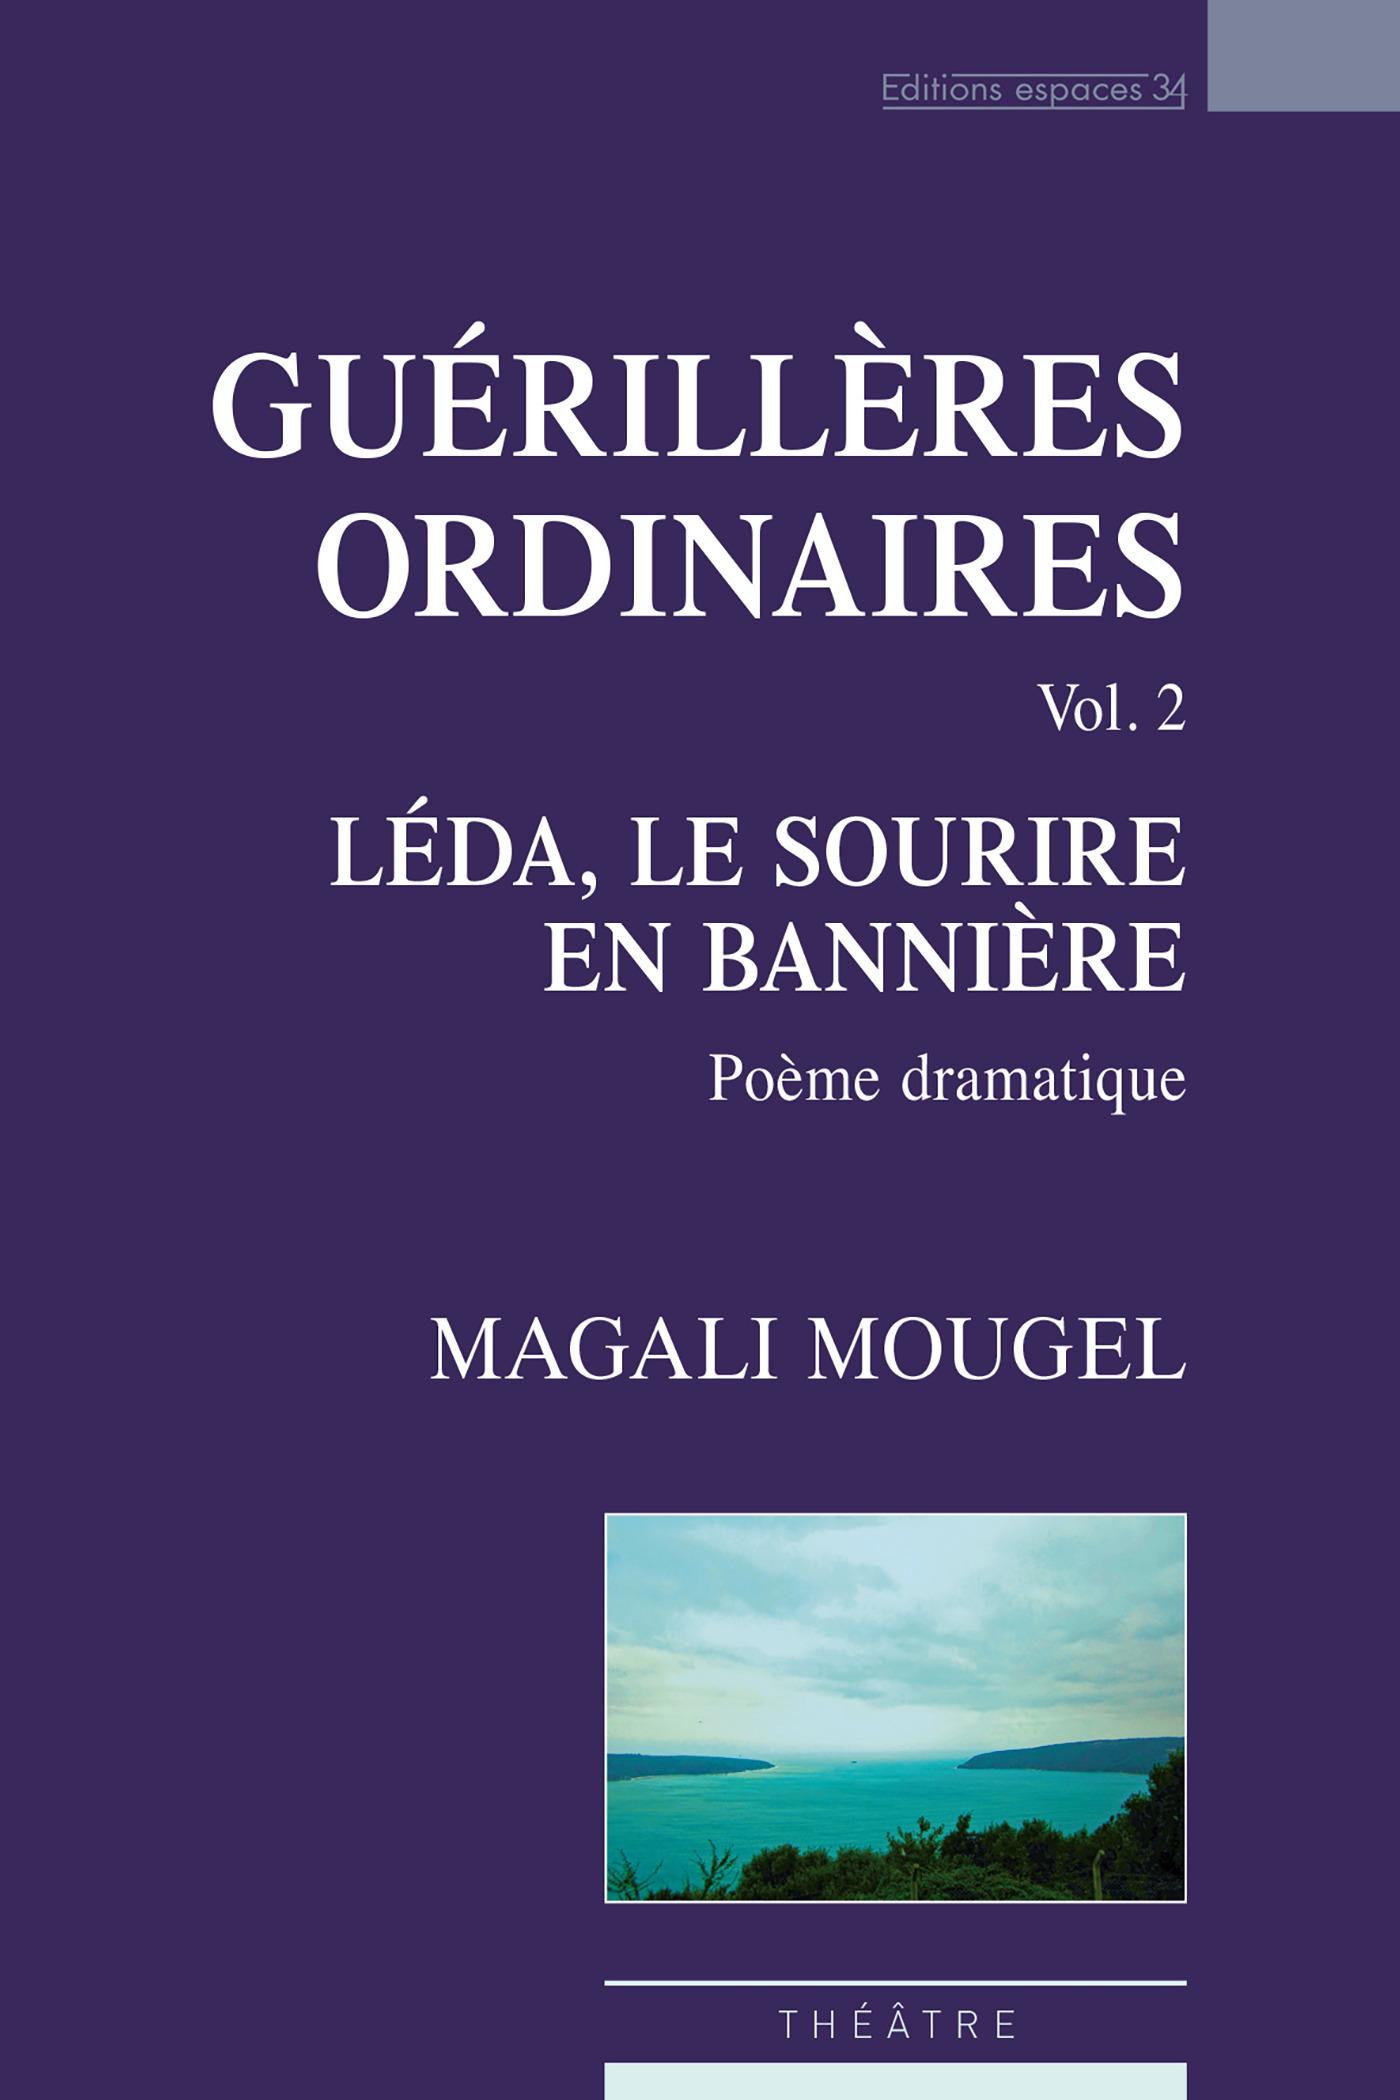 Guérillères ordinaires, vol.2 : Léda, le sourire en bannière